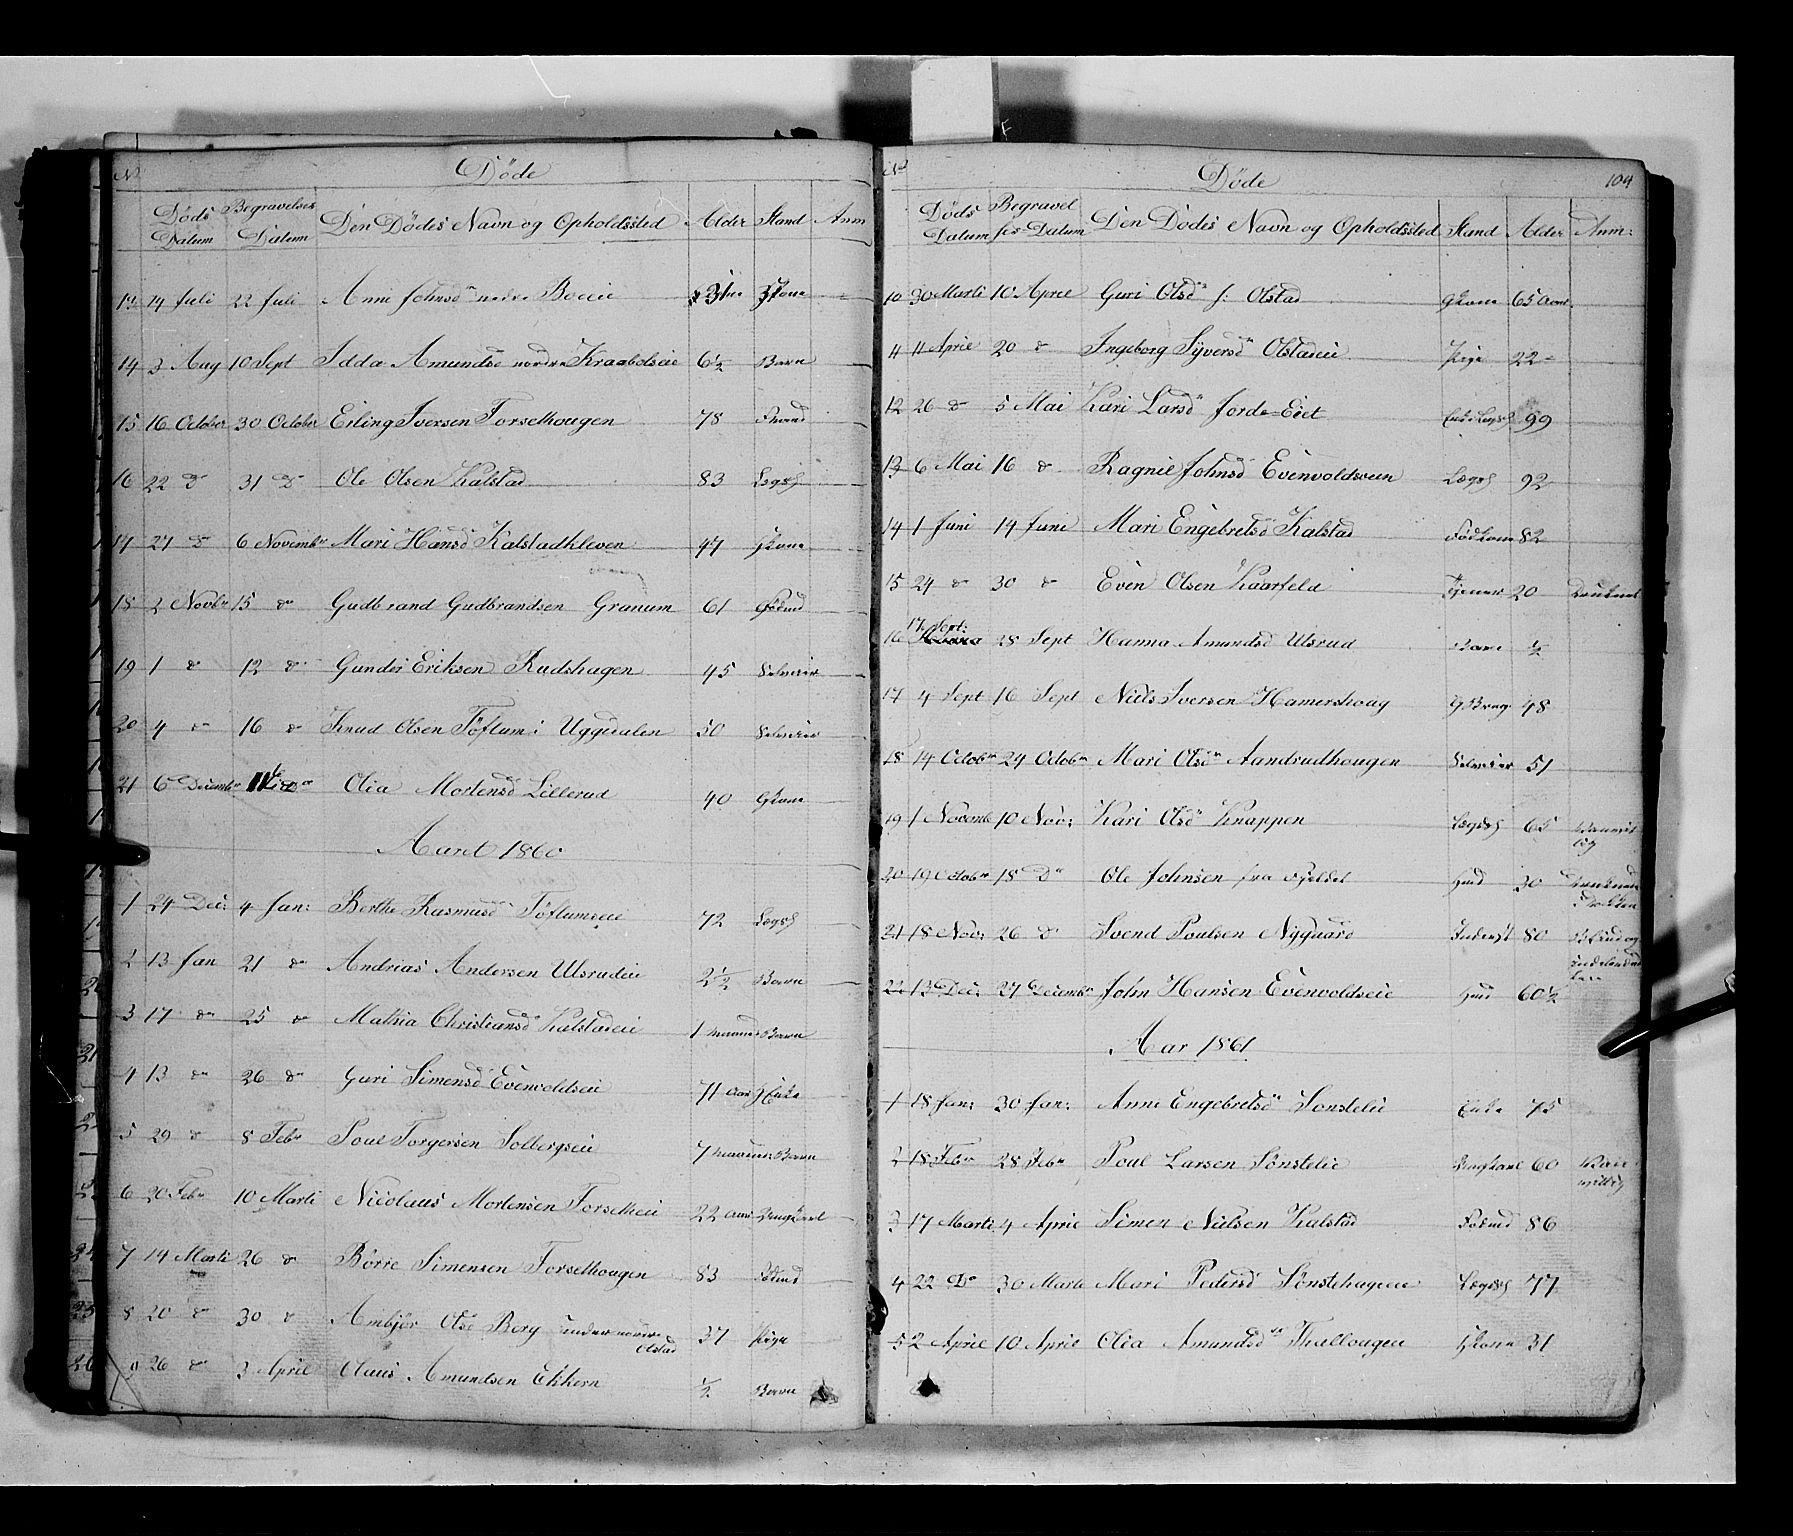 SAH, Gausdal prestekontor, Klokkerbok nr. 5, 1846-1867, s. 104